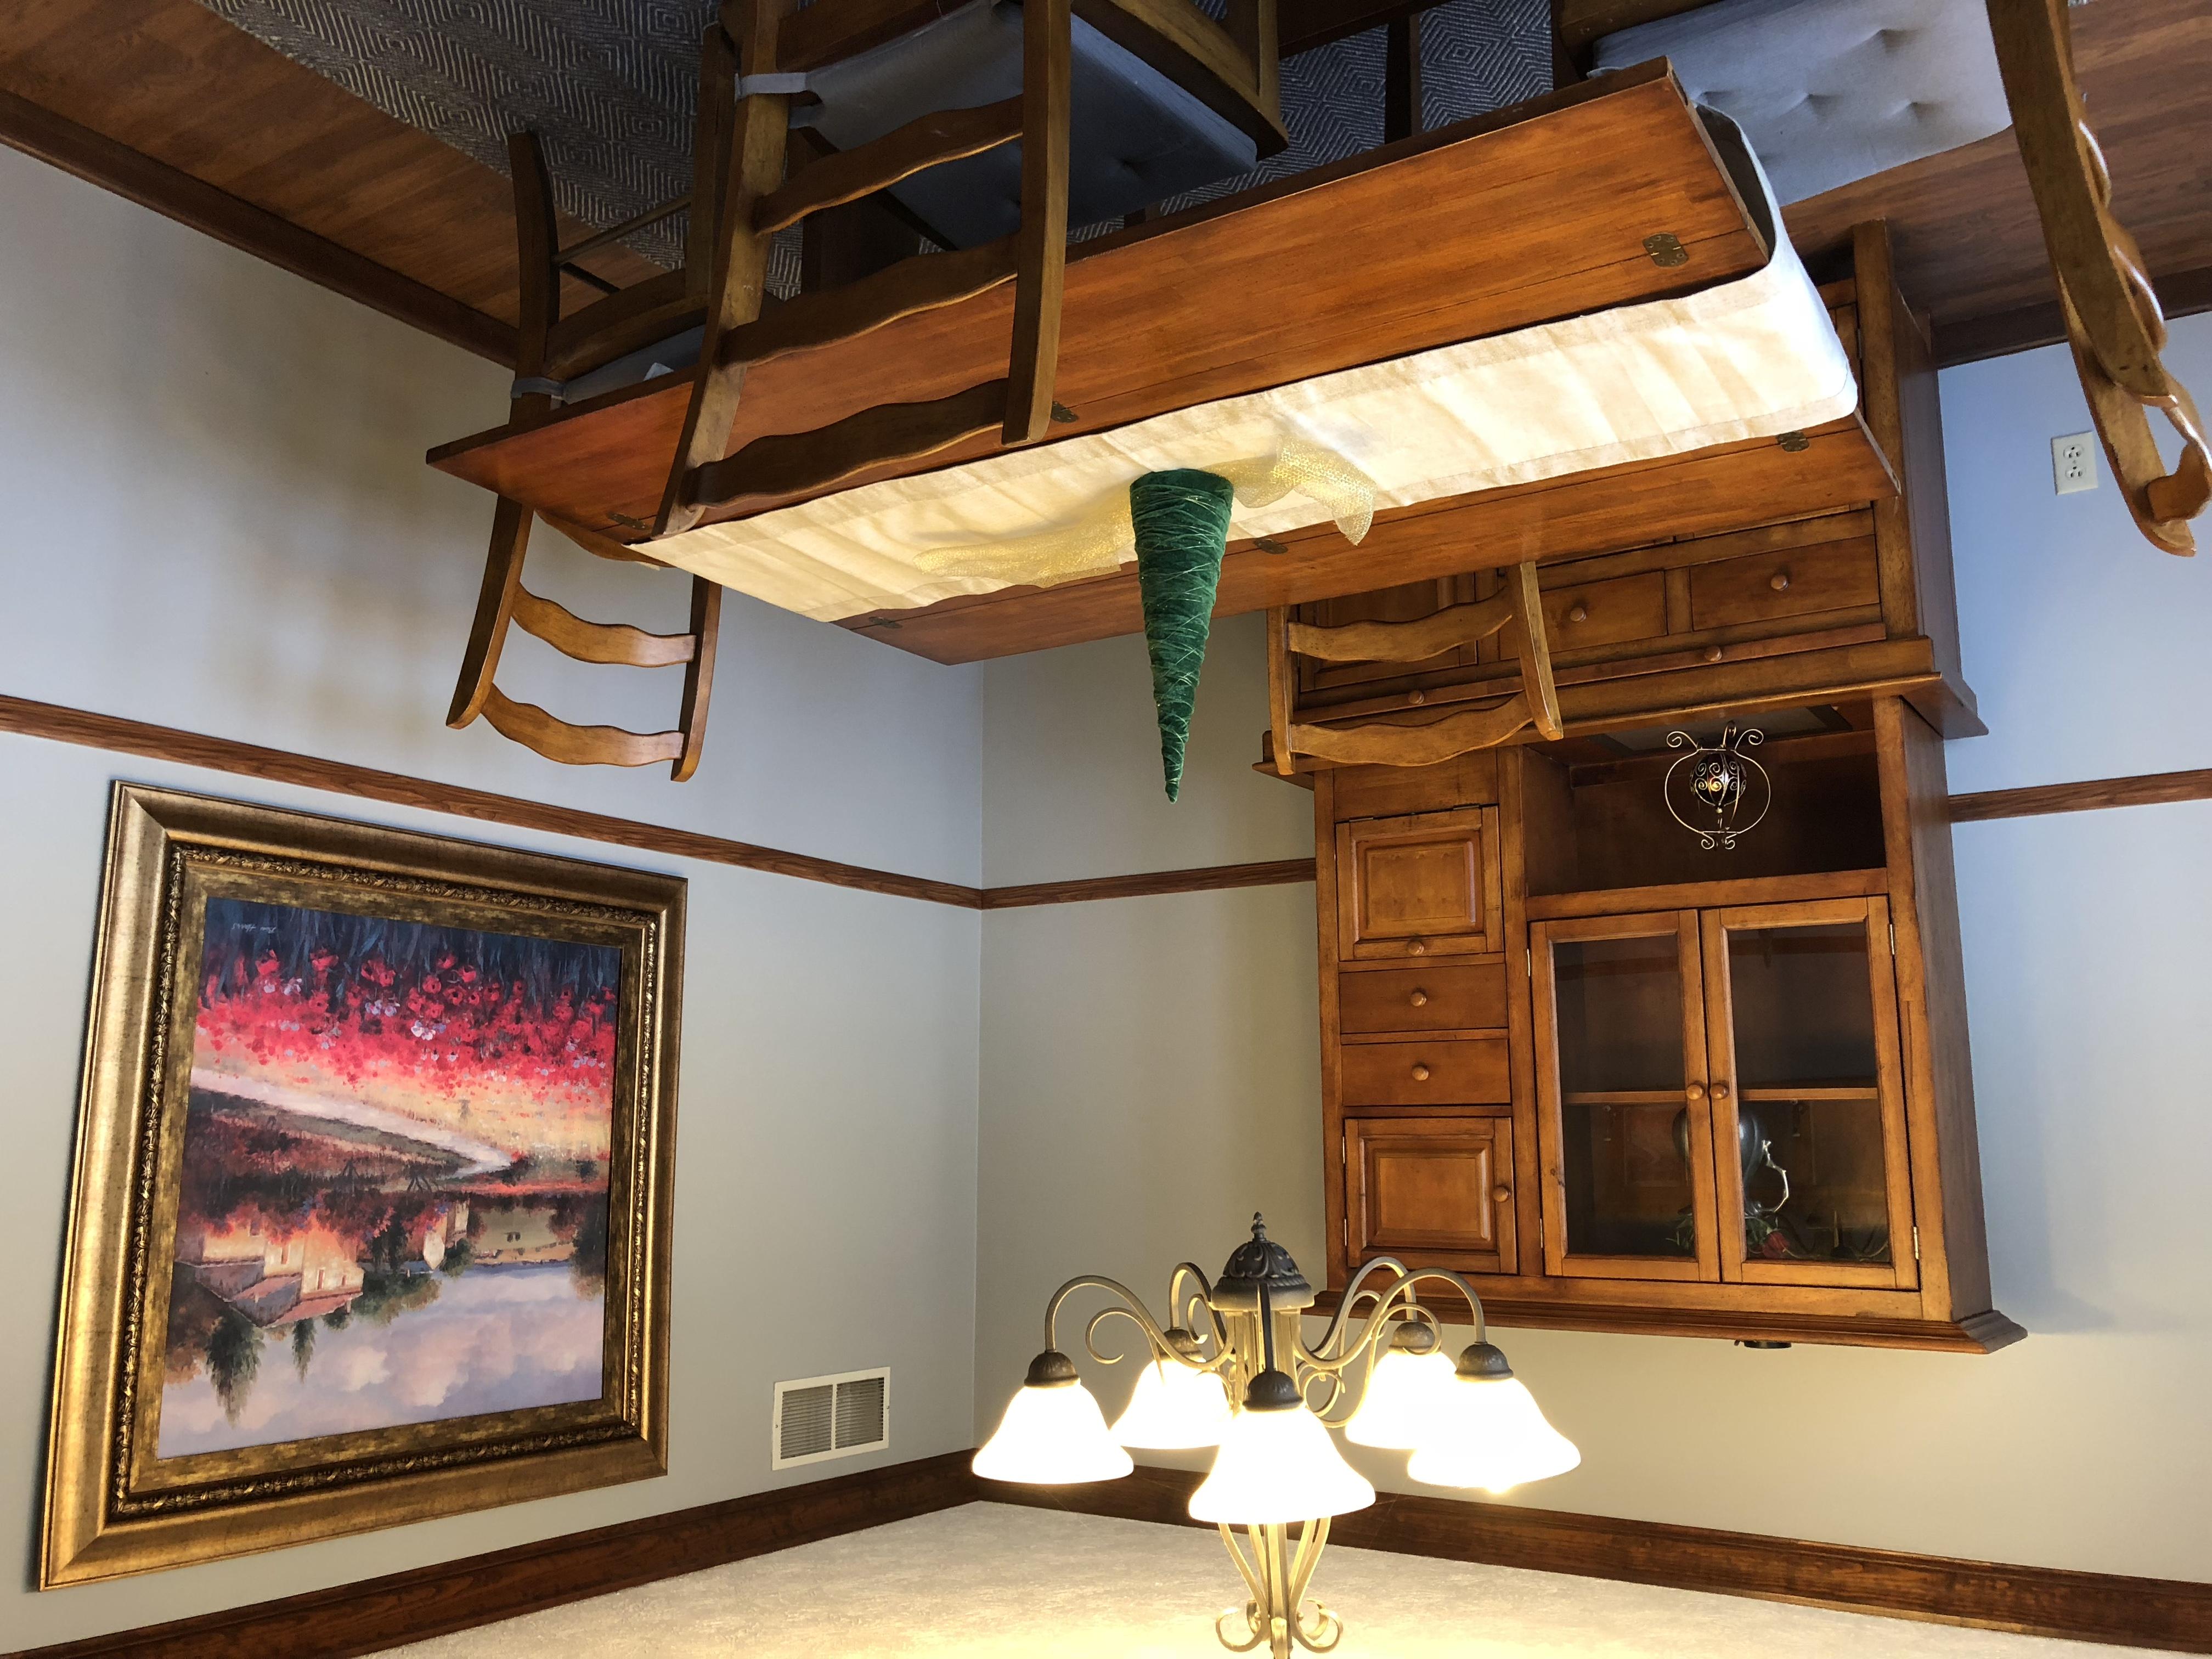 964 Breckenridge Dr, Richmond, IN 47374 | RealEstate.com